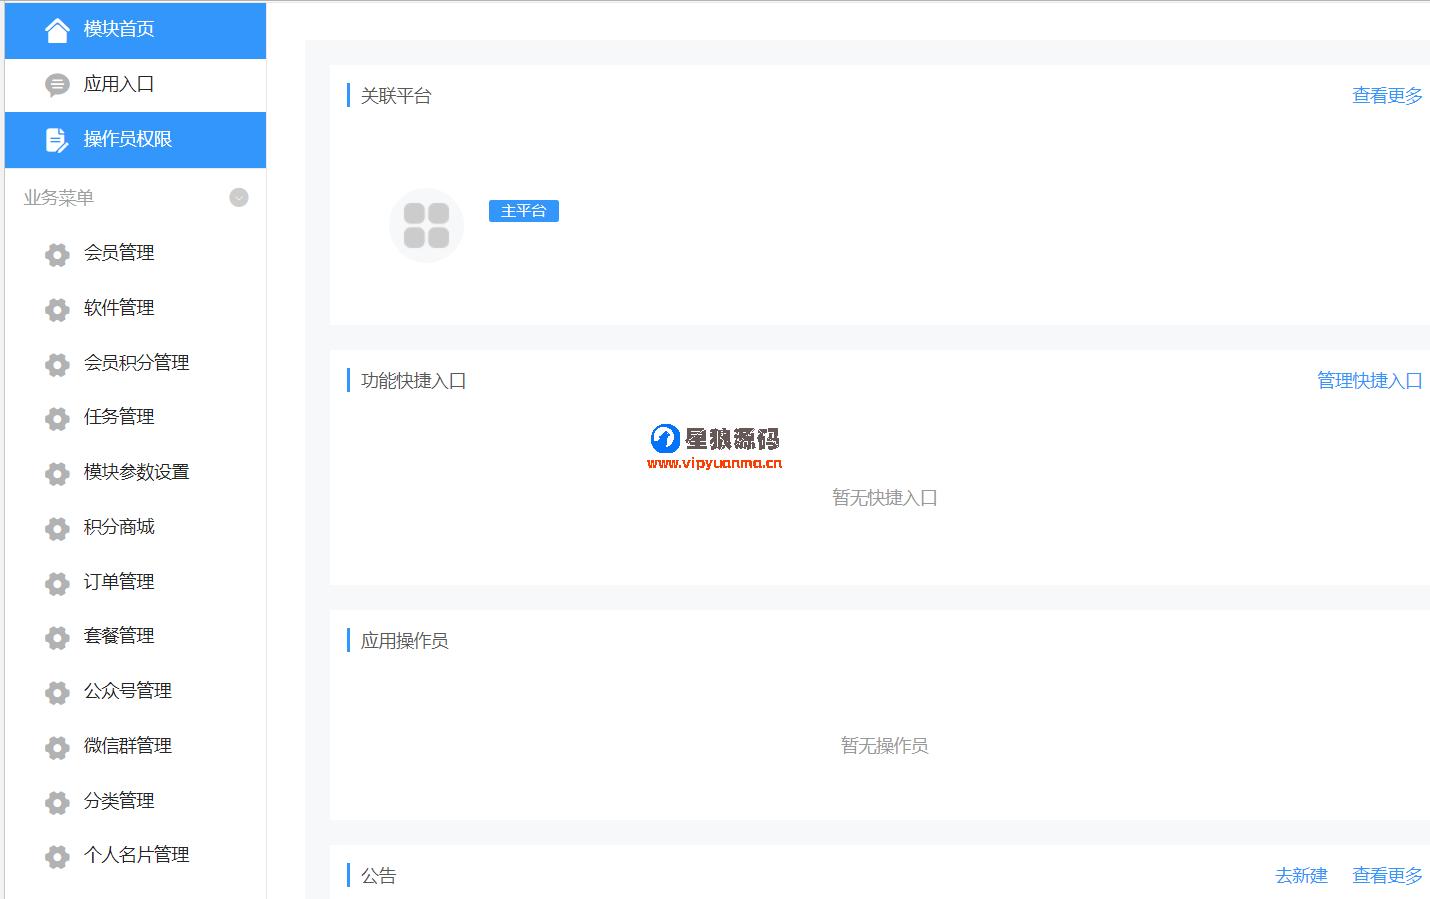 微擎功能模块-智慧互粉平台8.3.2 第1张